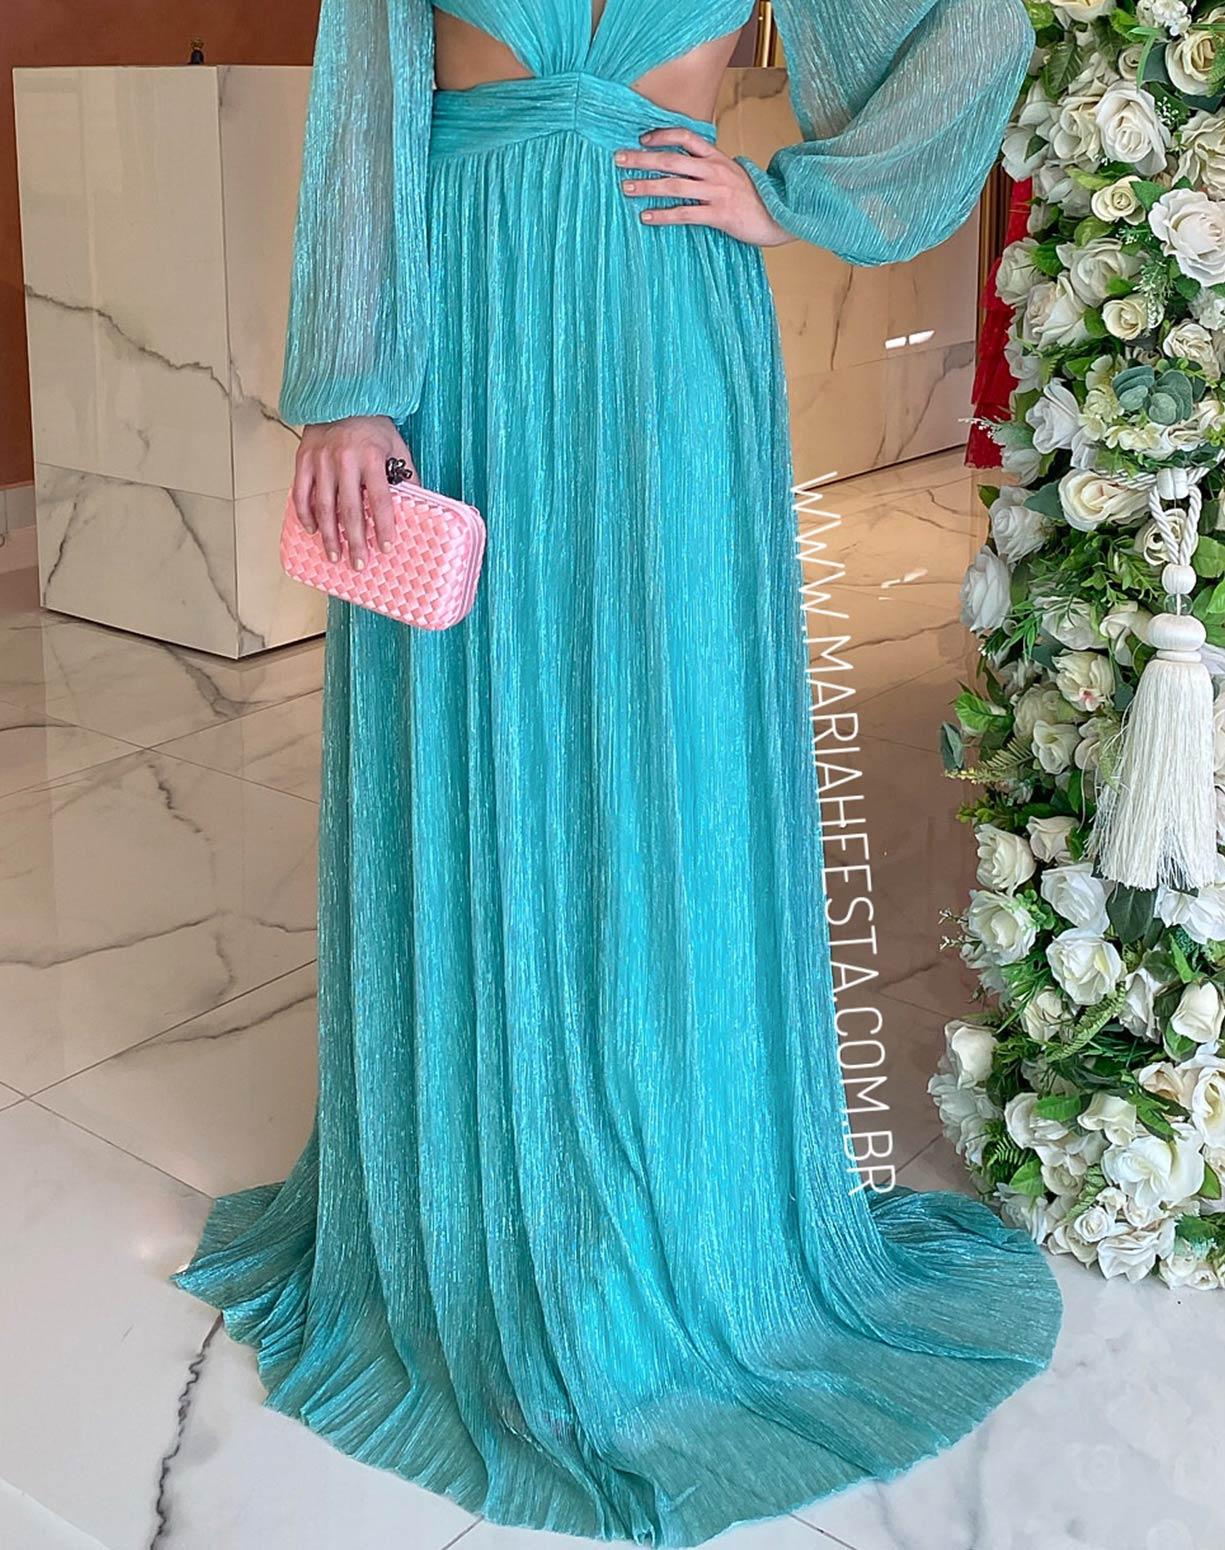 Vestido Tiffany em Tule de Lúrex